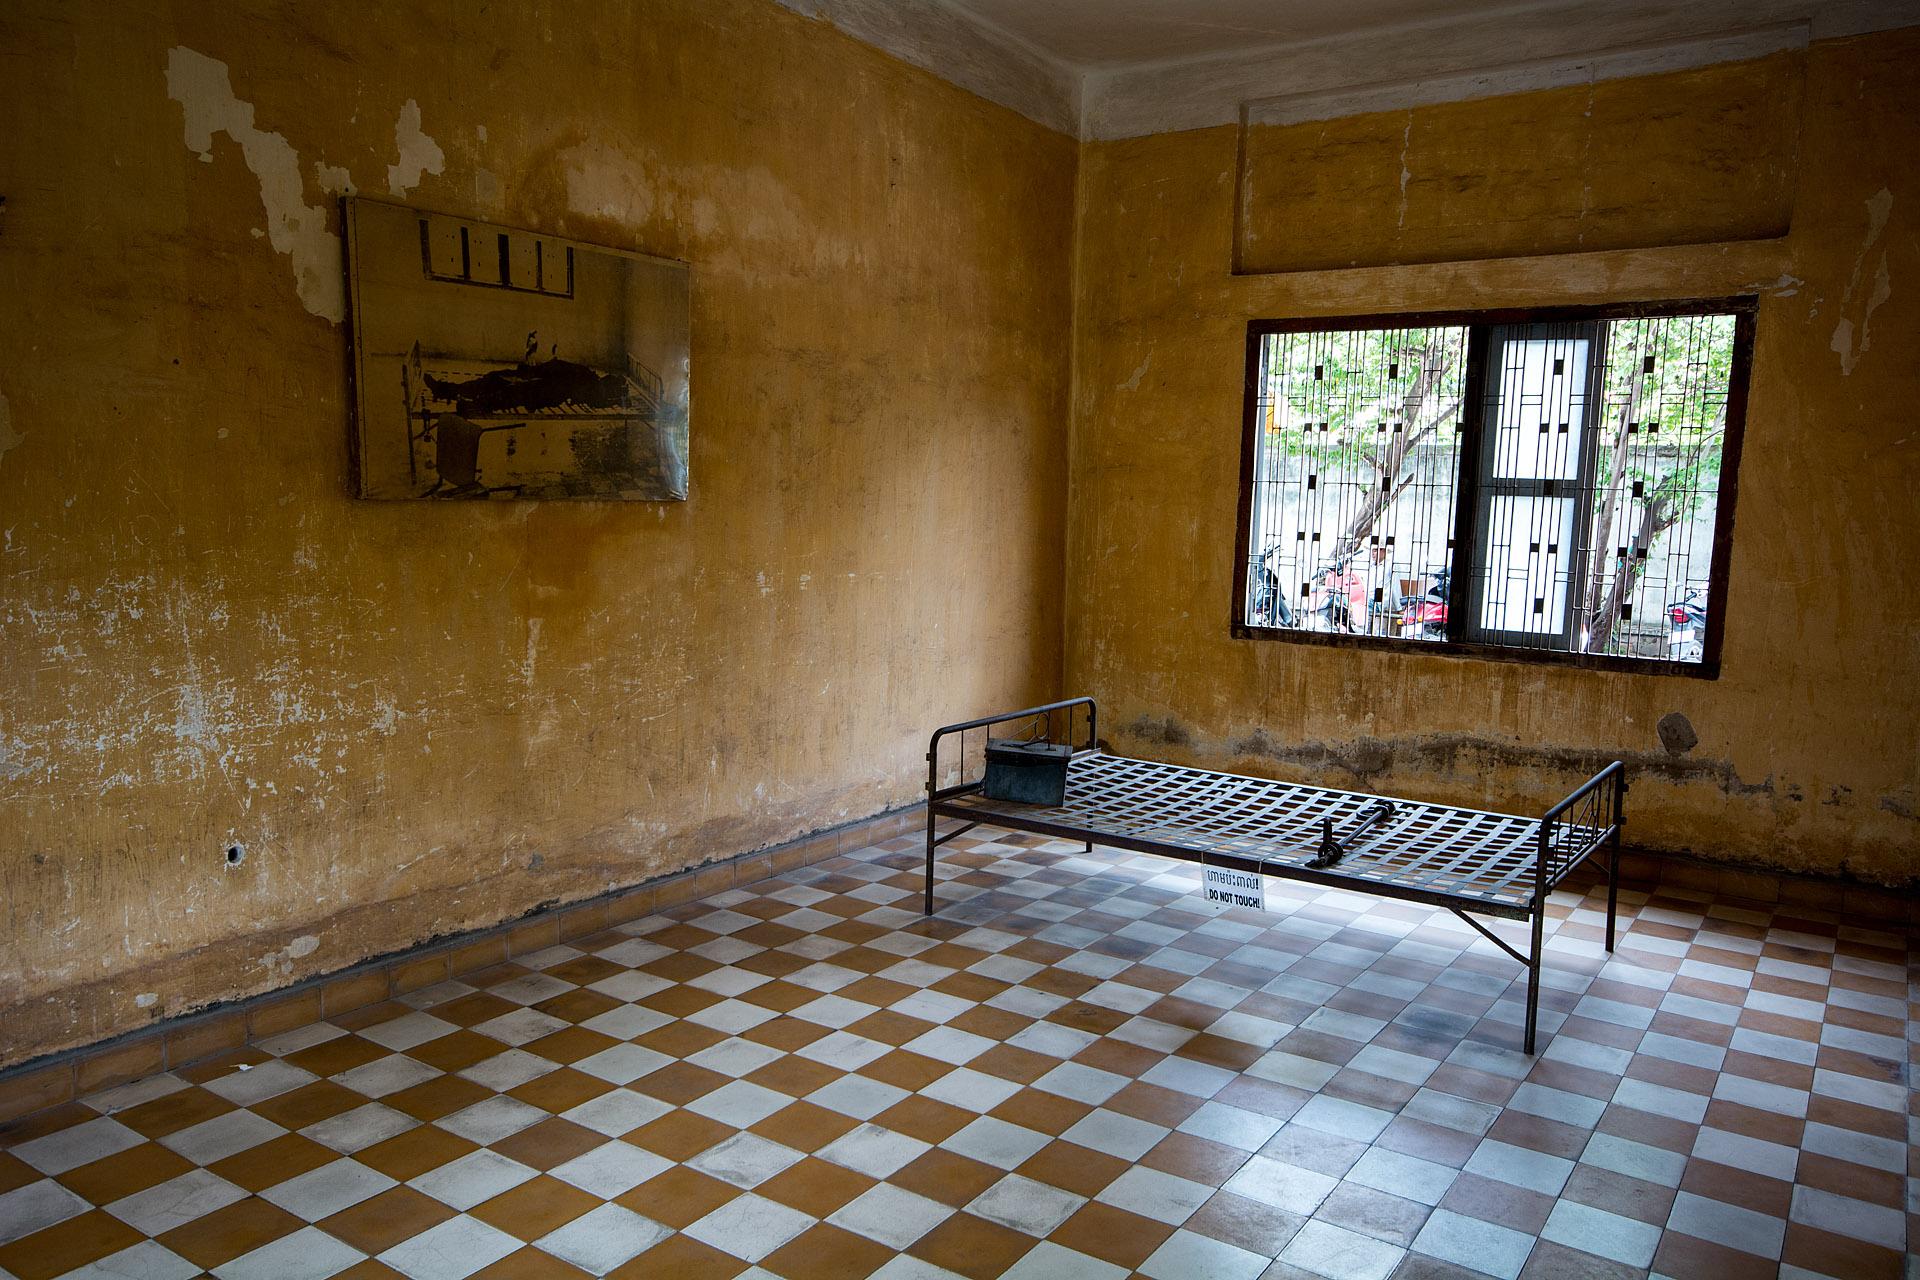 Interrogation cell